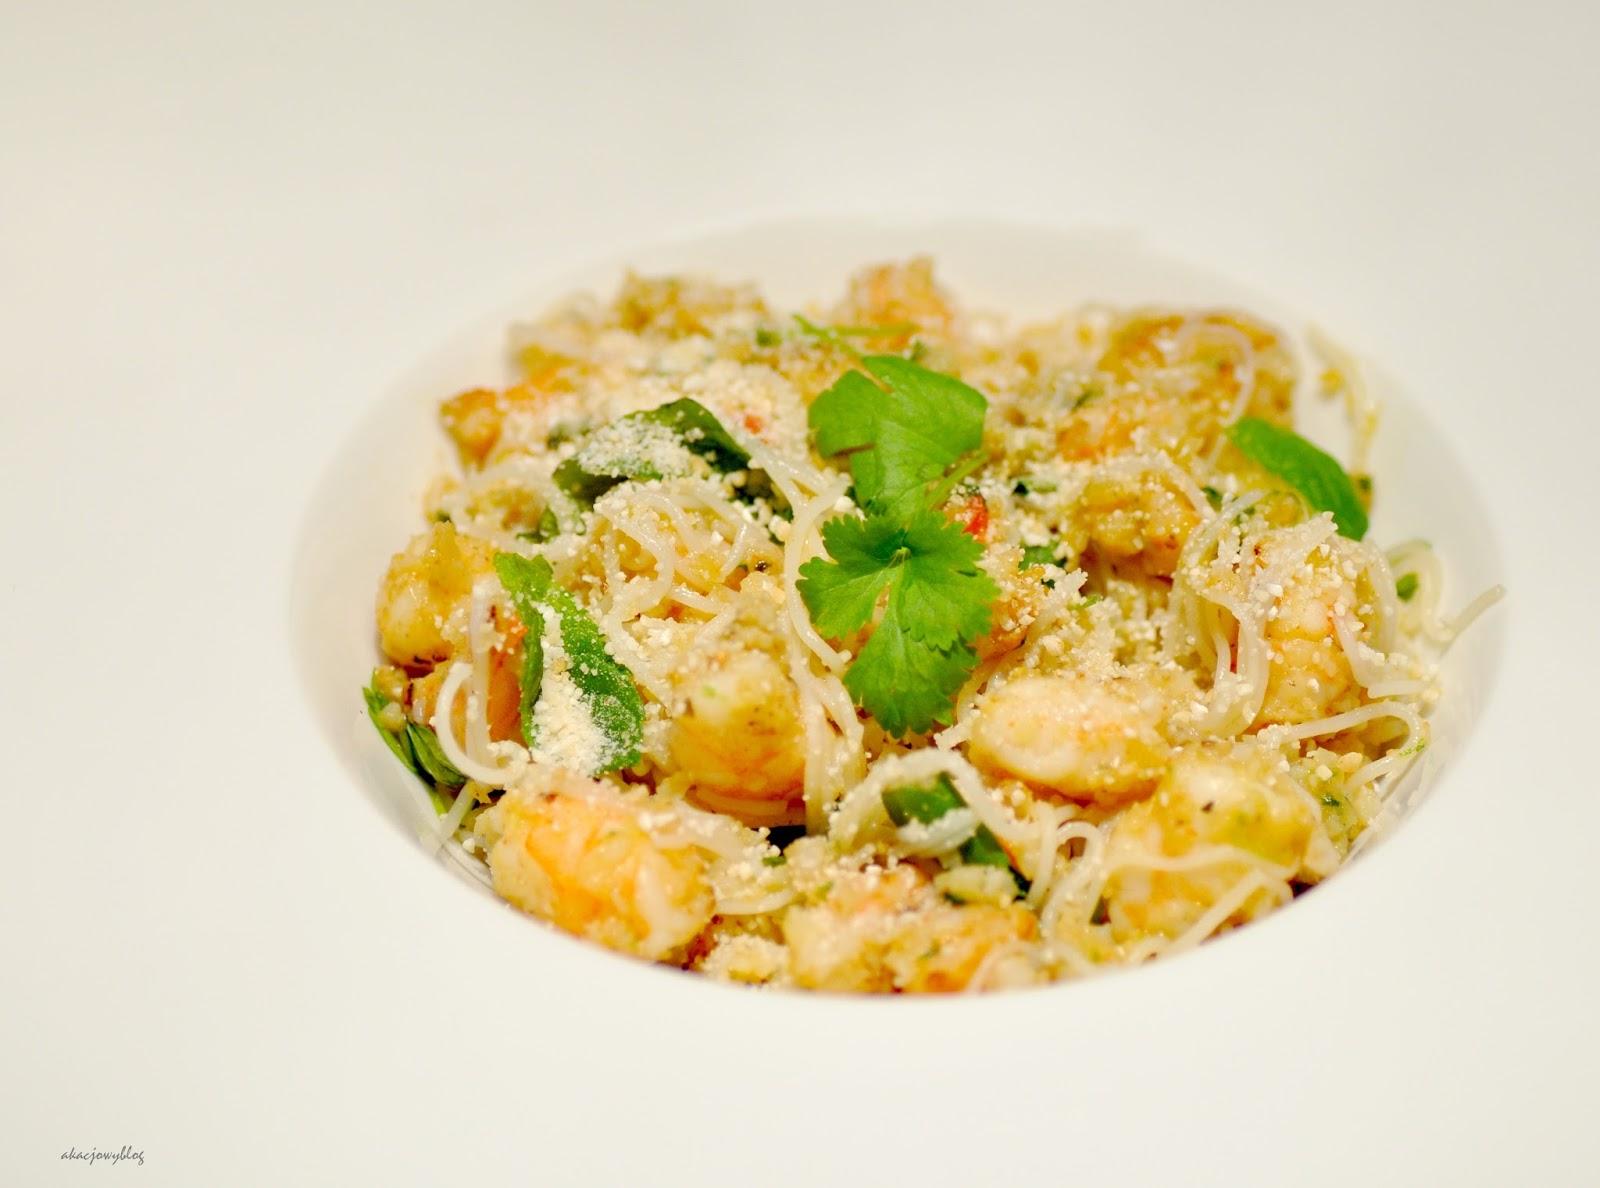 Sałatka z makaronem ryżowym, krewetkami oraz proszkiem z pieczonego ryżu.